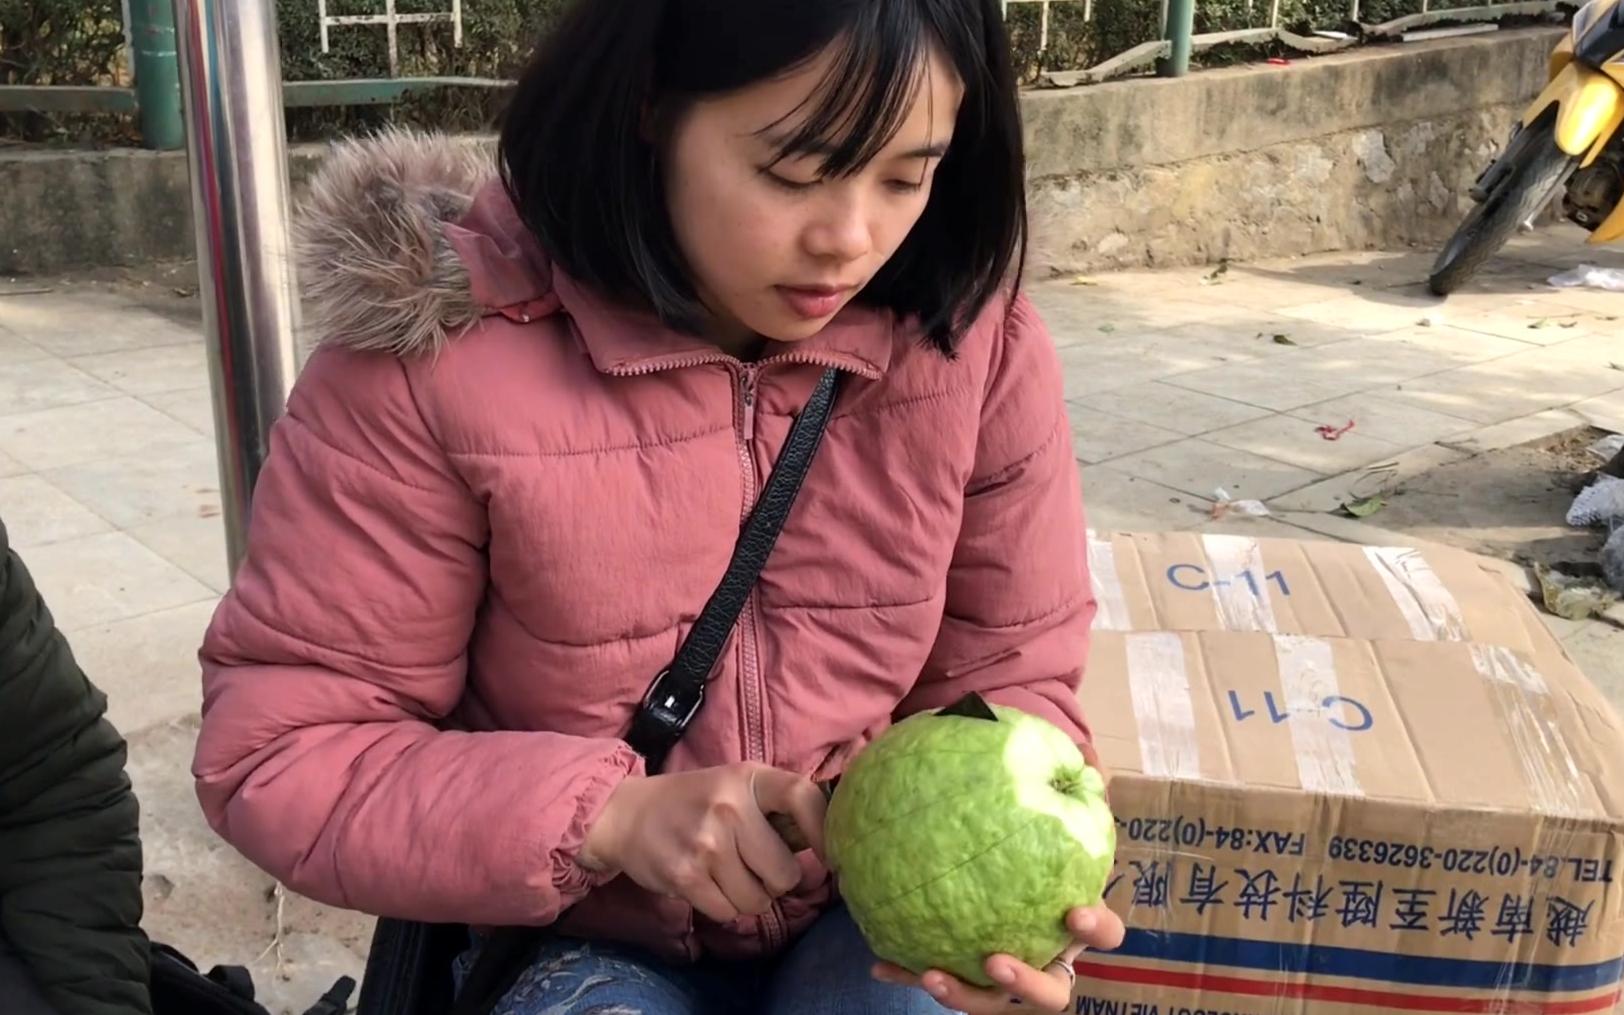 中文不错的越南美女失业了,却只能摆地摊卖水果为生,最后视频有个惊喜。